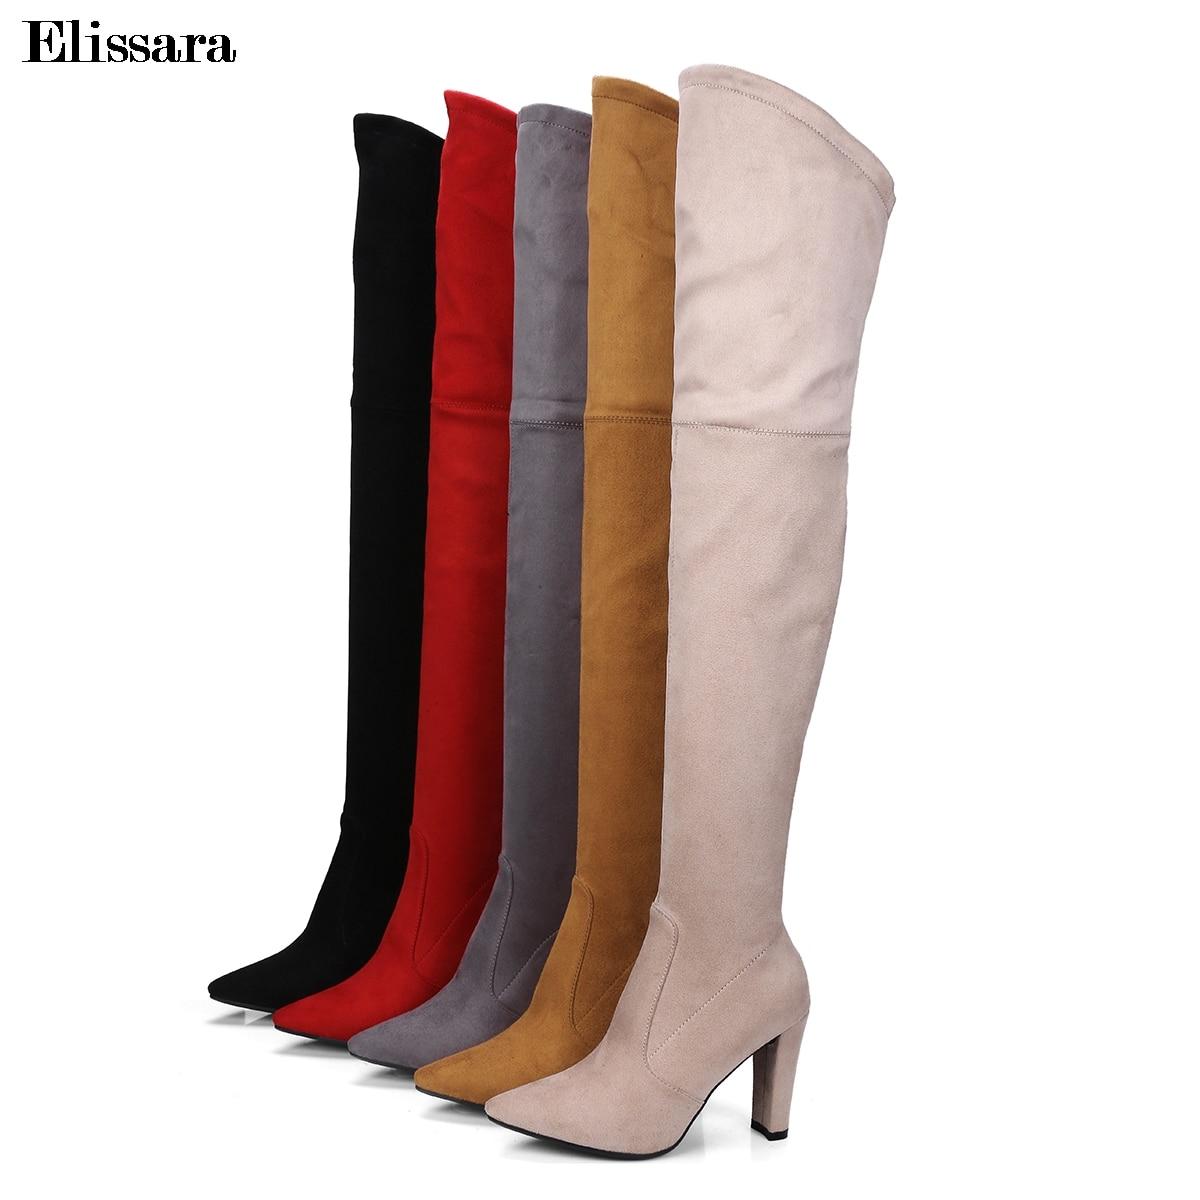 Elissara Sur Chaussures Hauts Haute gris Noir marron Bottes Partie Talons Zip Troupeau 34 Sexy Femme D'hiver apricot rouge Femmes Noir De Cuisse Taille 43 Genou kZiuwPTOXl